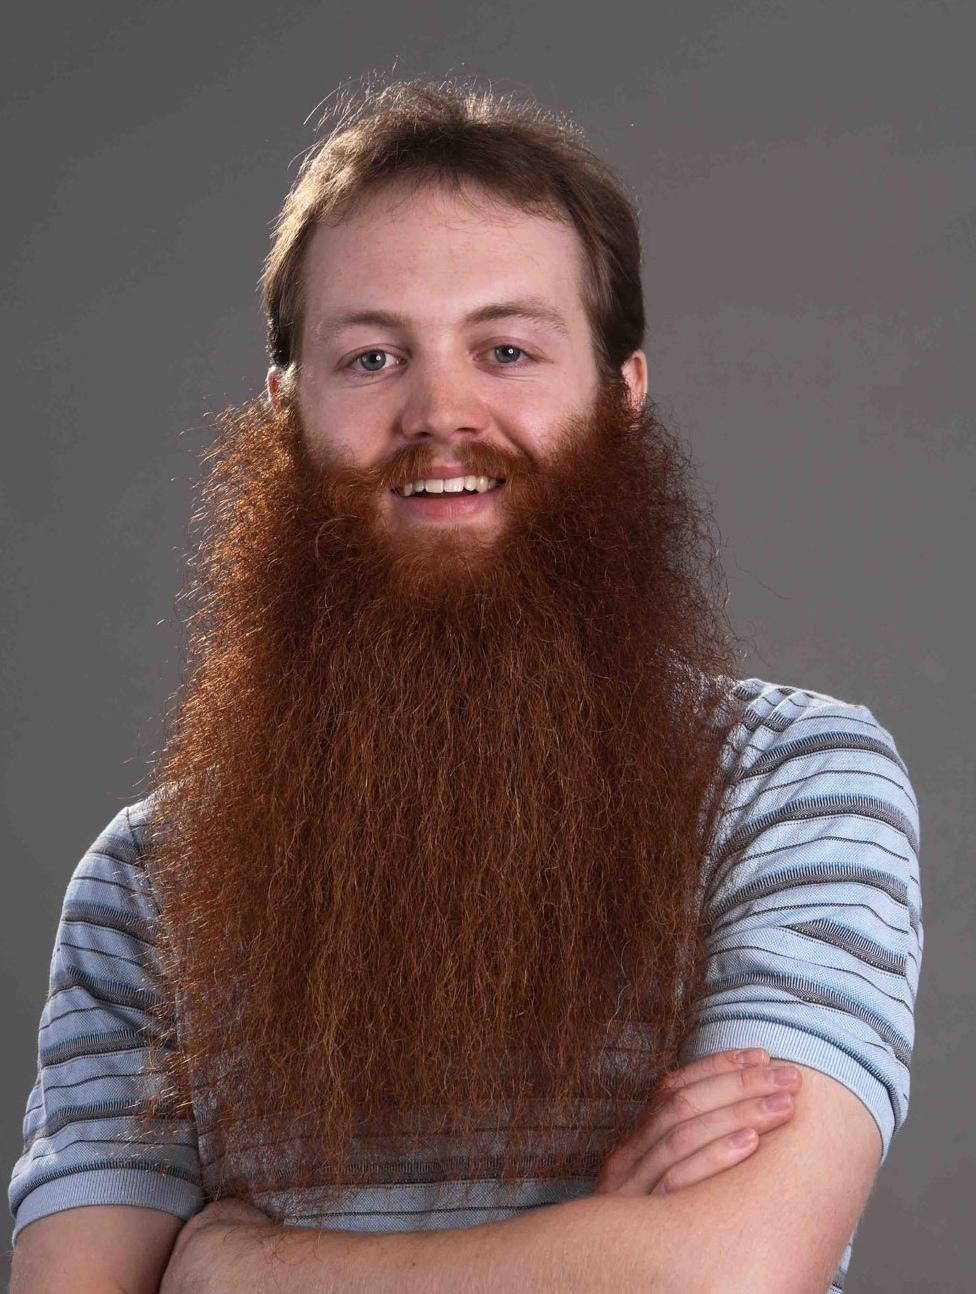 beardyguy2